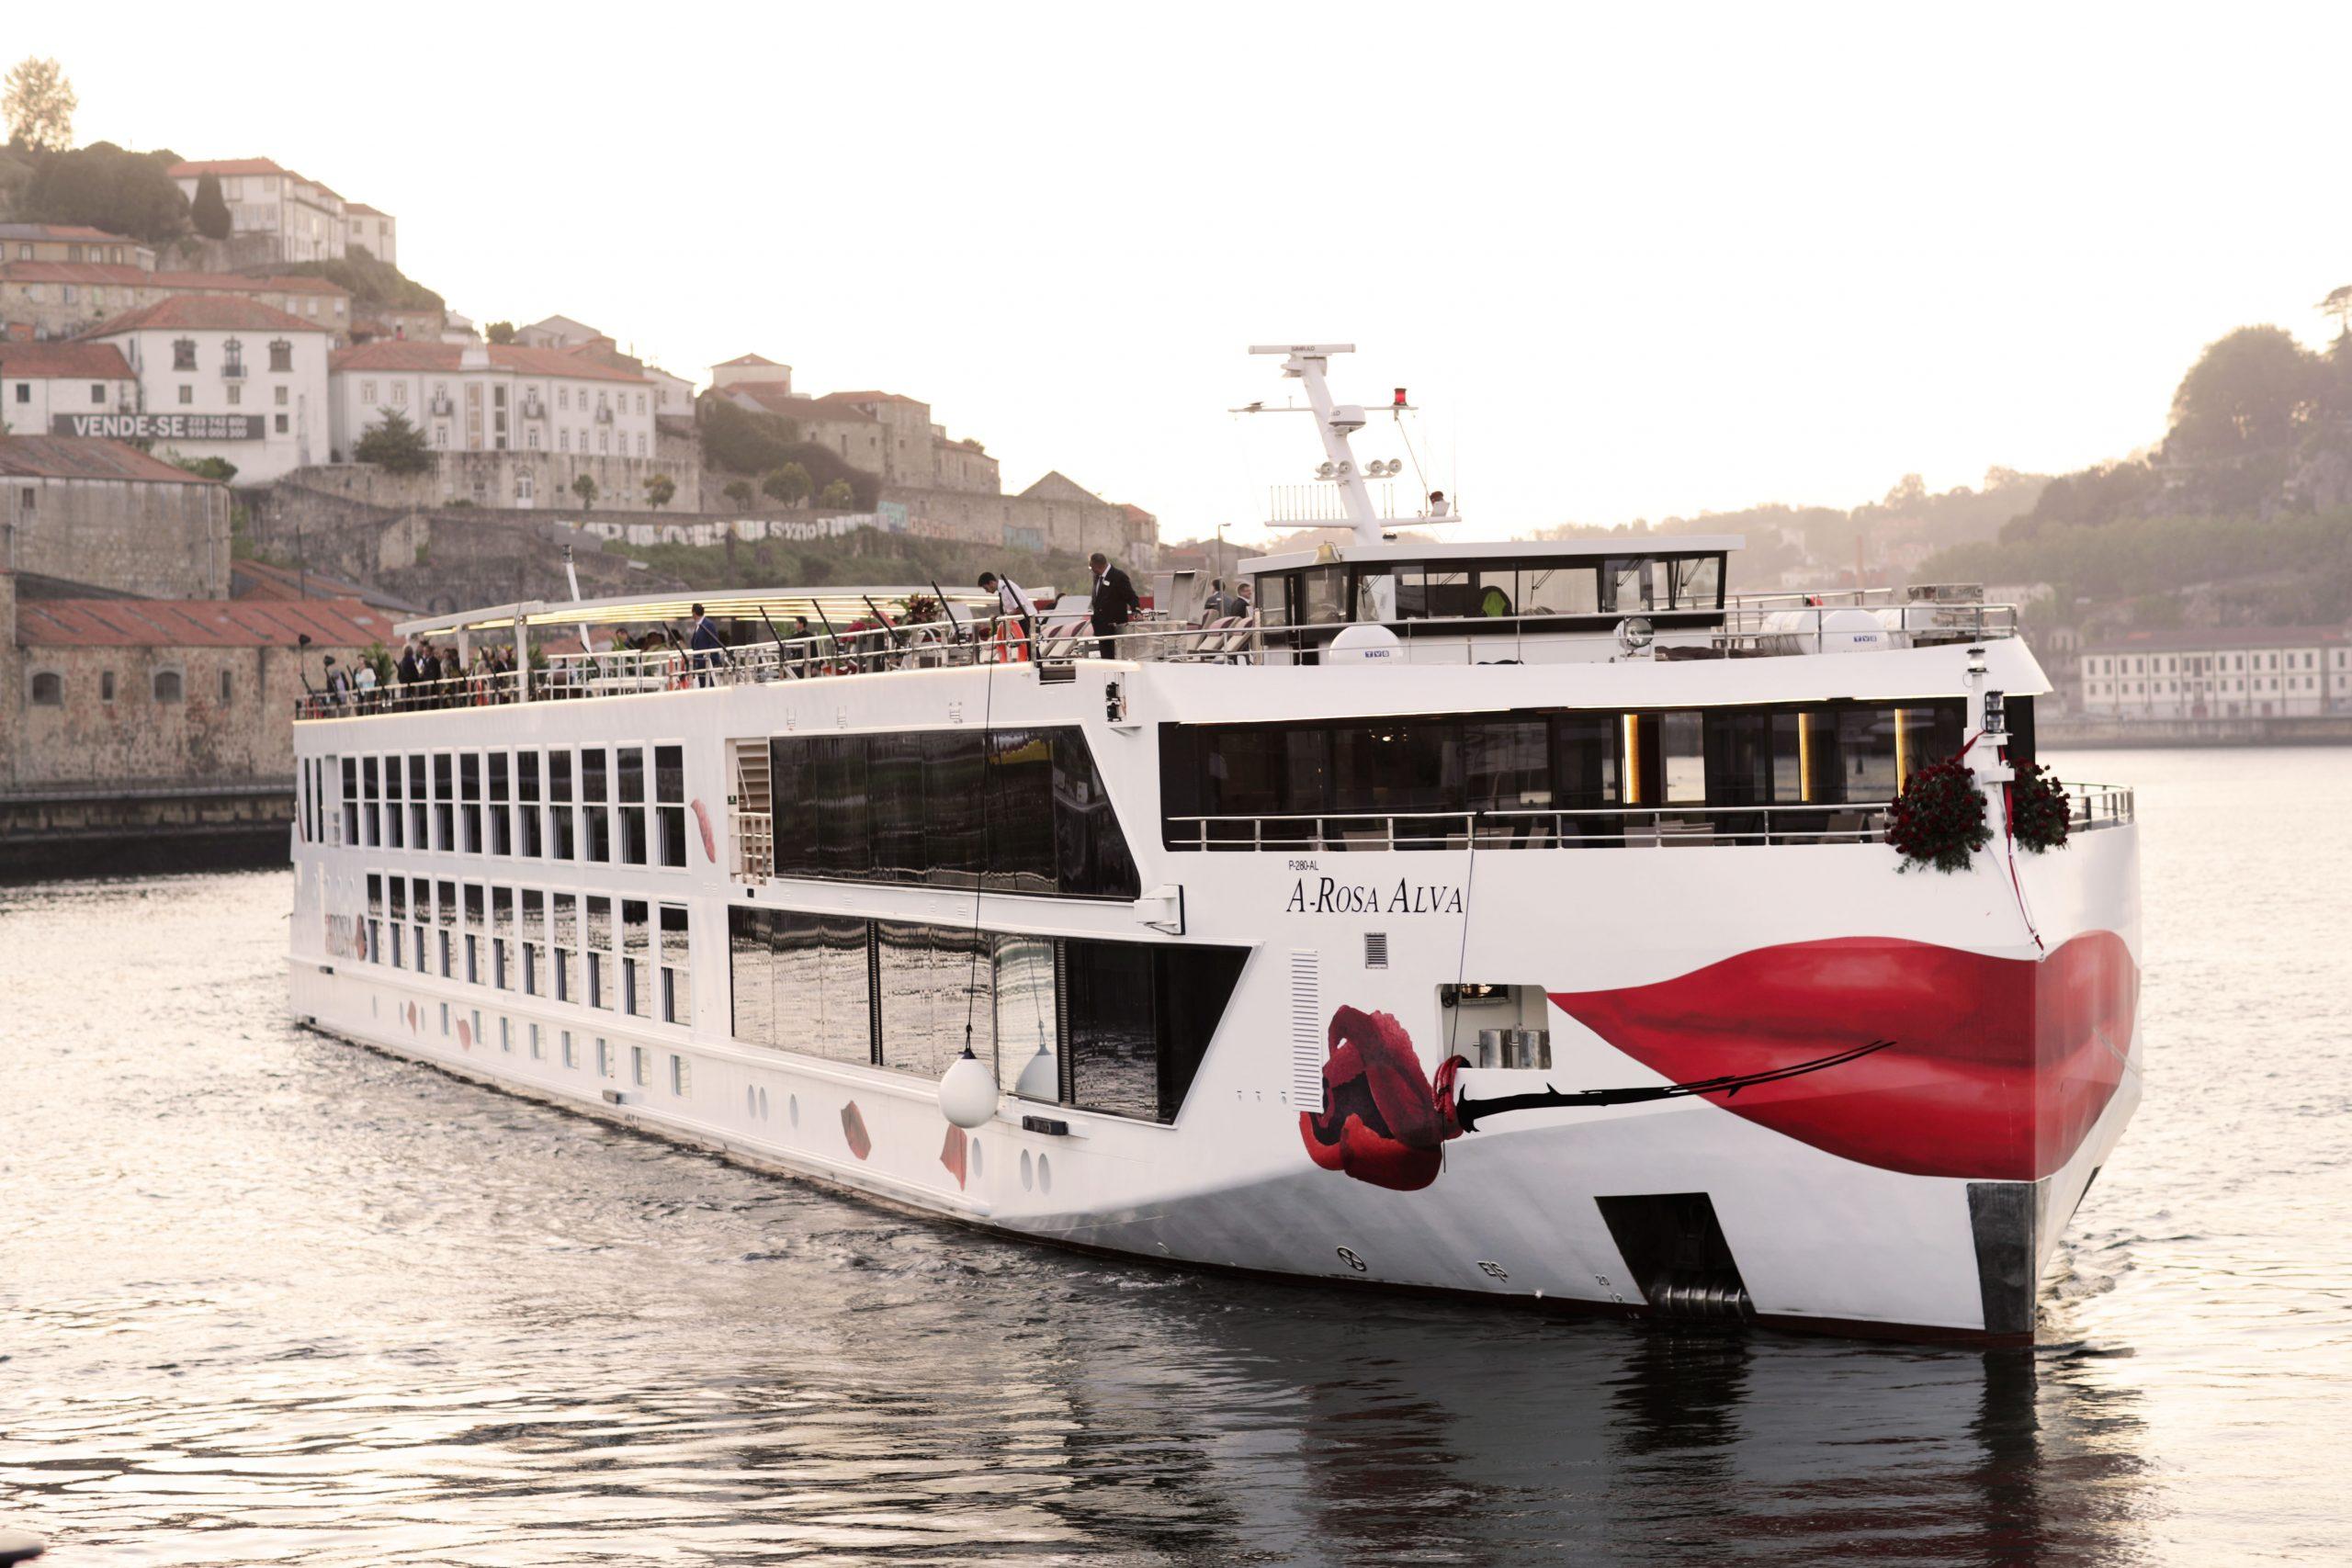 Aufgrund politischer Beschlüsse ist die A-ROSA Flussschiff GmbH gezwungen, ihre Flusskreuzfahrten auf Donau, Rhône und Seine vorübergehend auszusetzen.